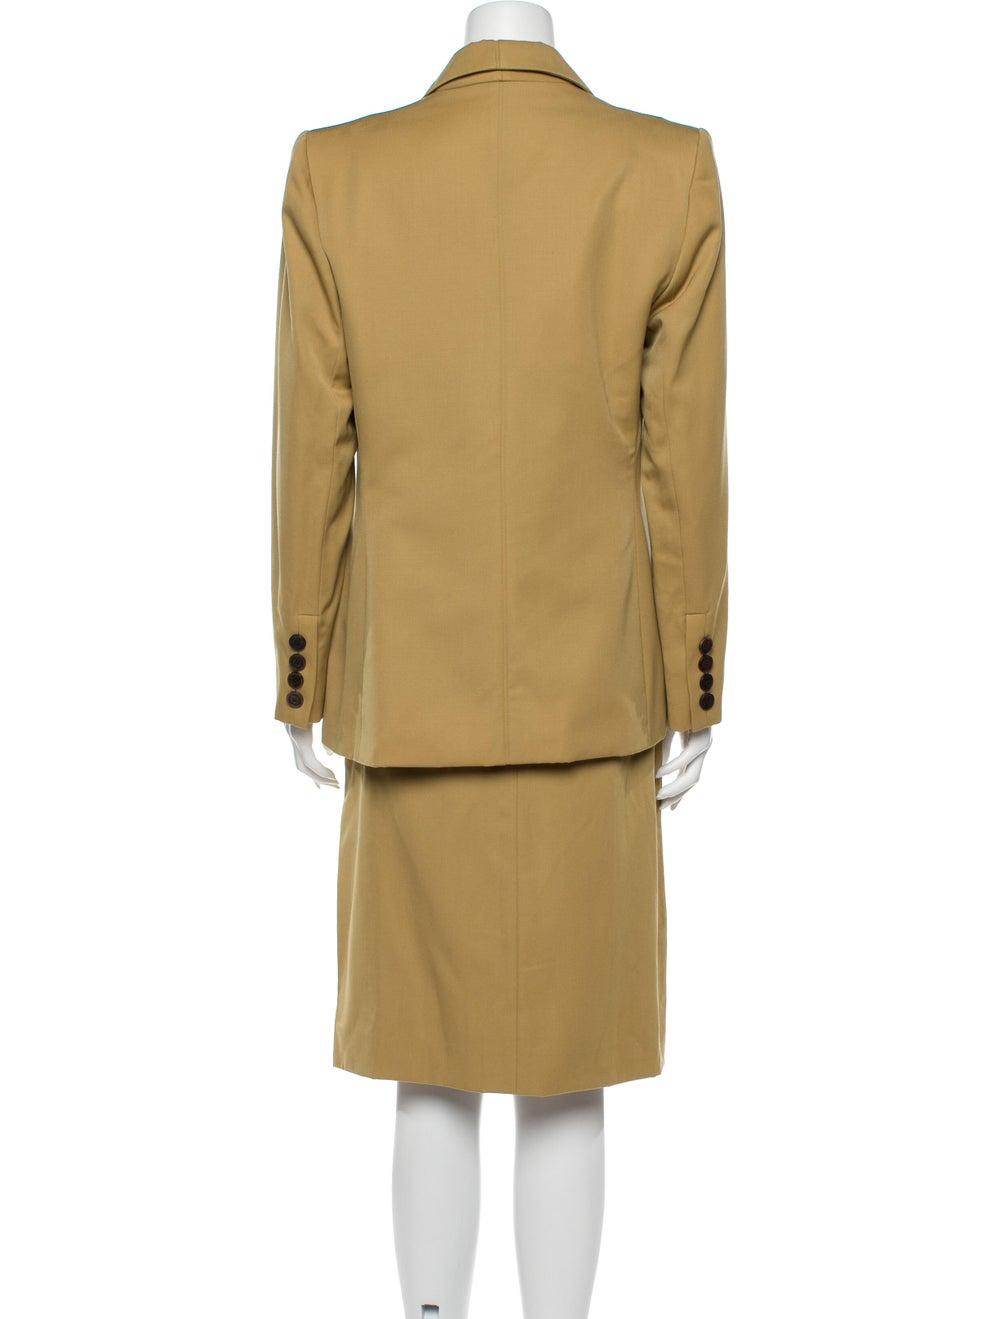 Yves Saint Laurent Rive Gauche Skirt Suit - image 3